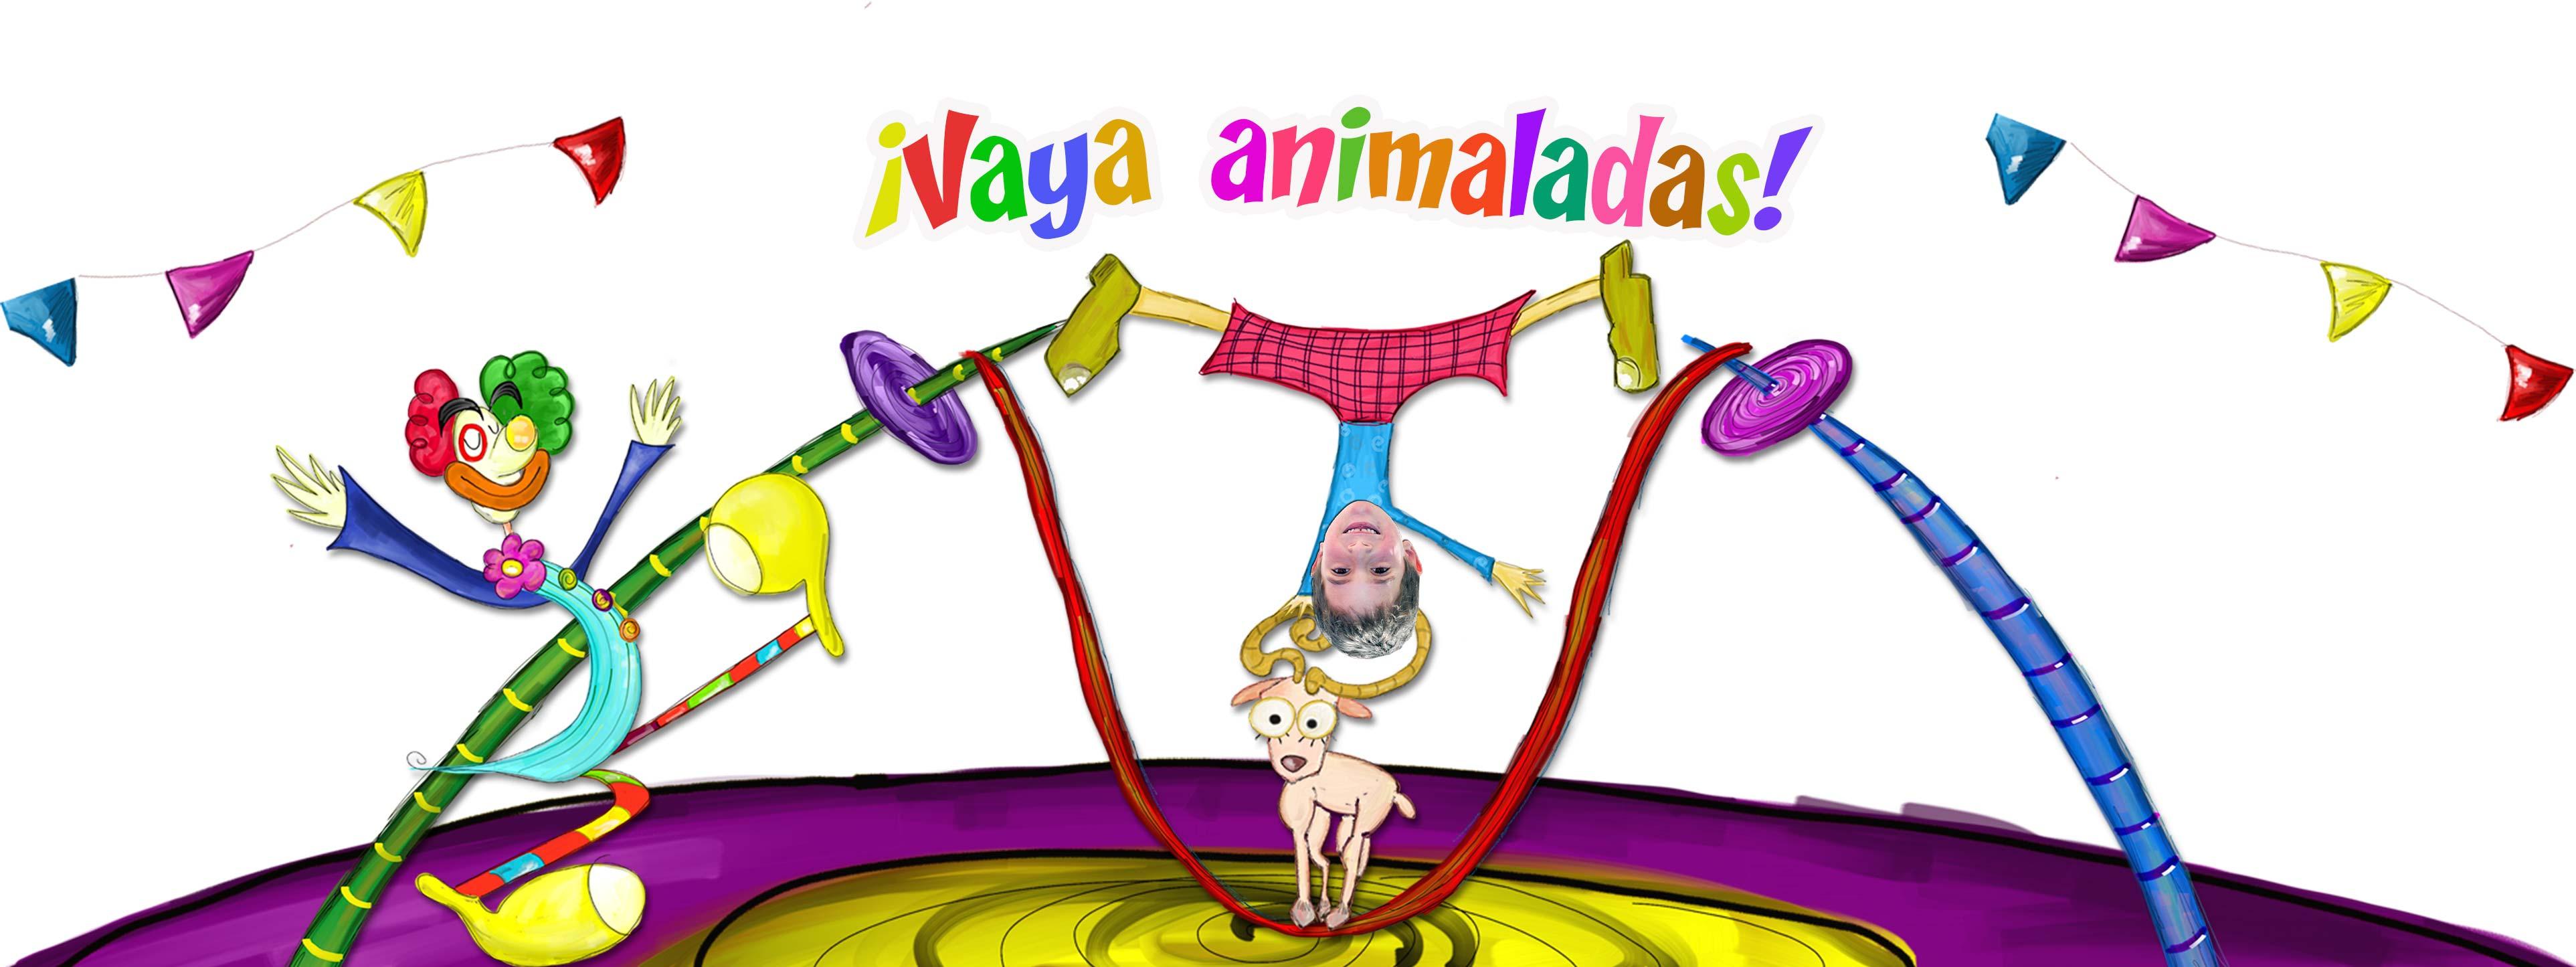 Cuento del circo y sus animales - Encabezado del producto